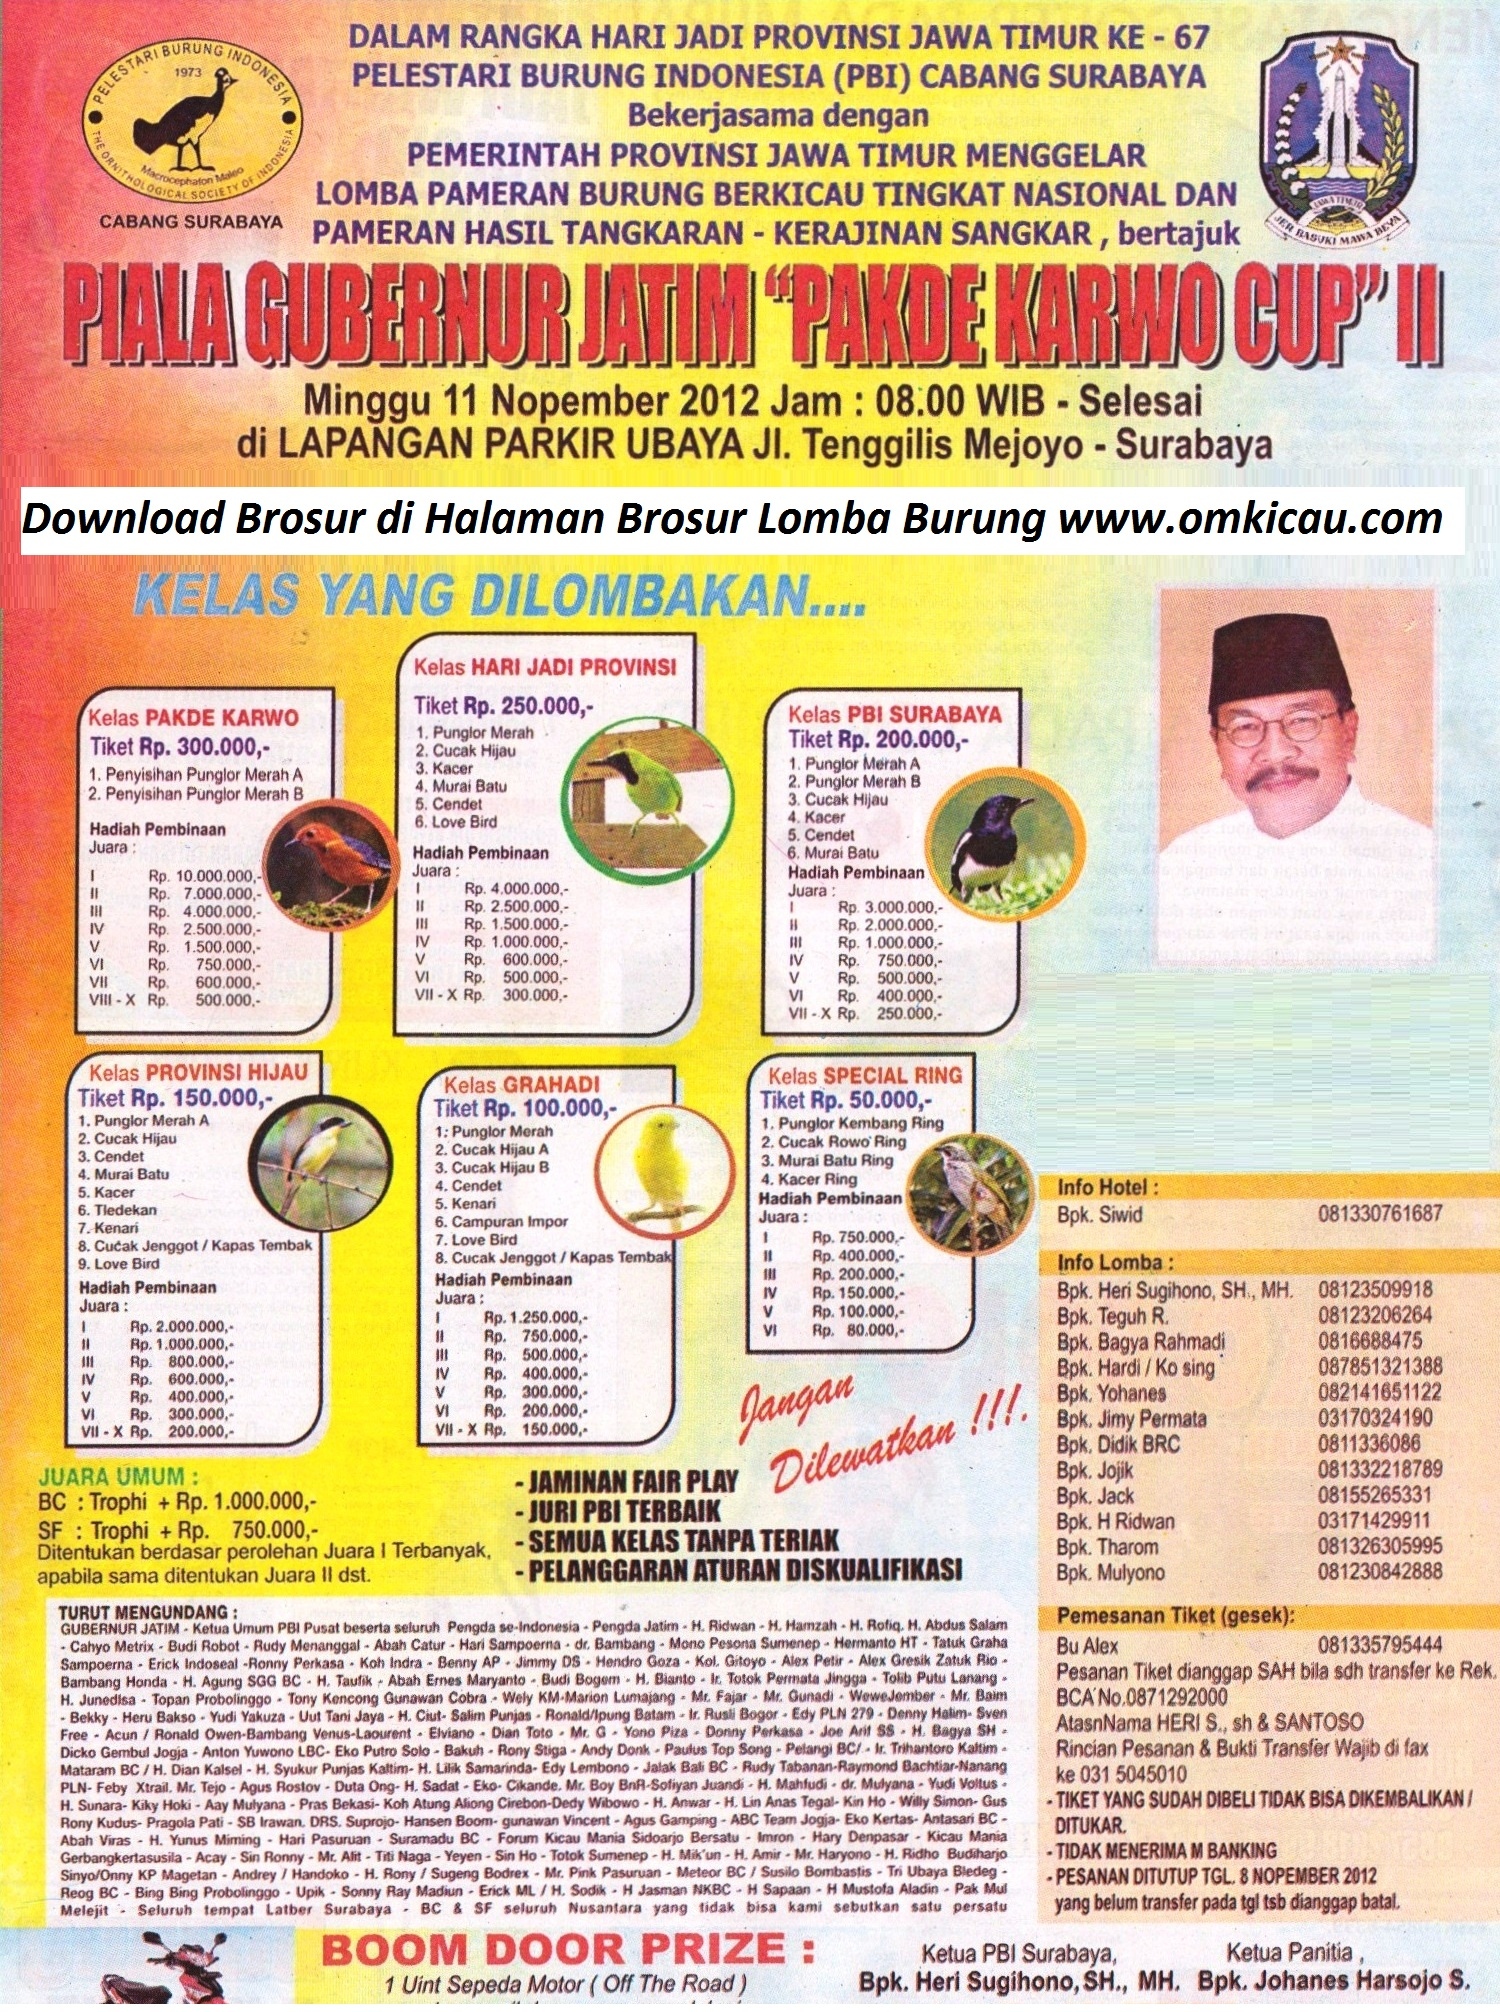 Lomba Burung Piala Gubernur Jatim Pak De Karwo Cup II - 11 November 2012 Surabaya